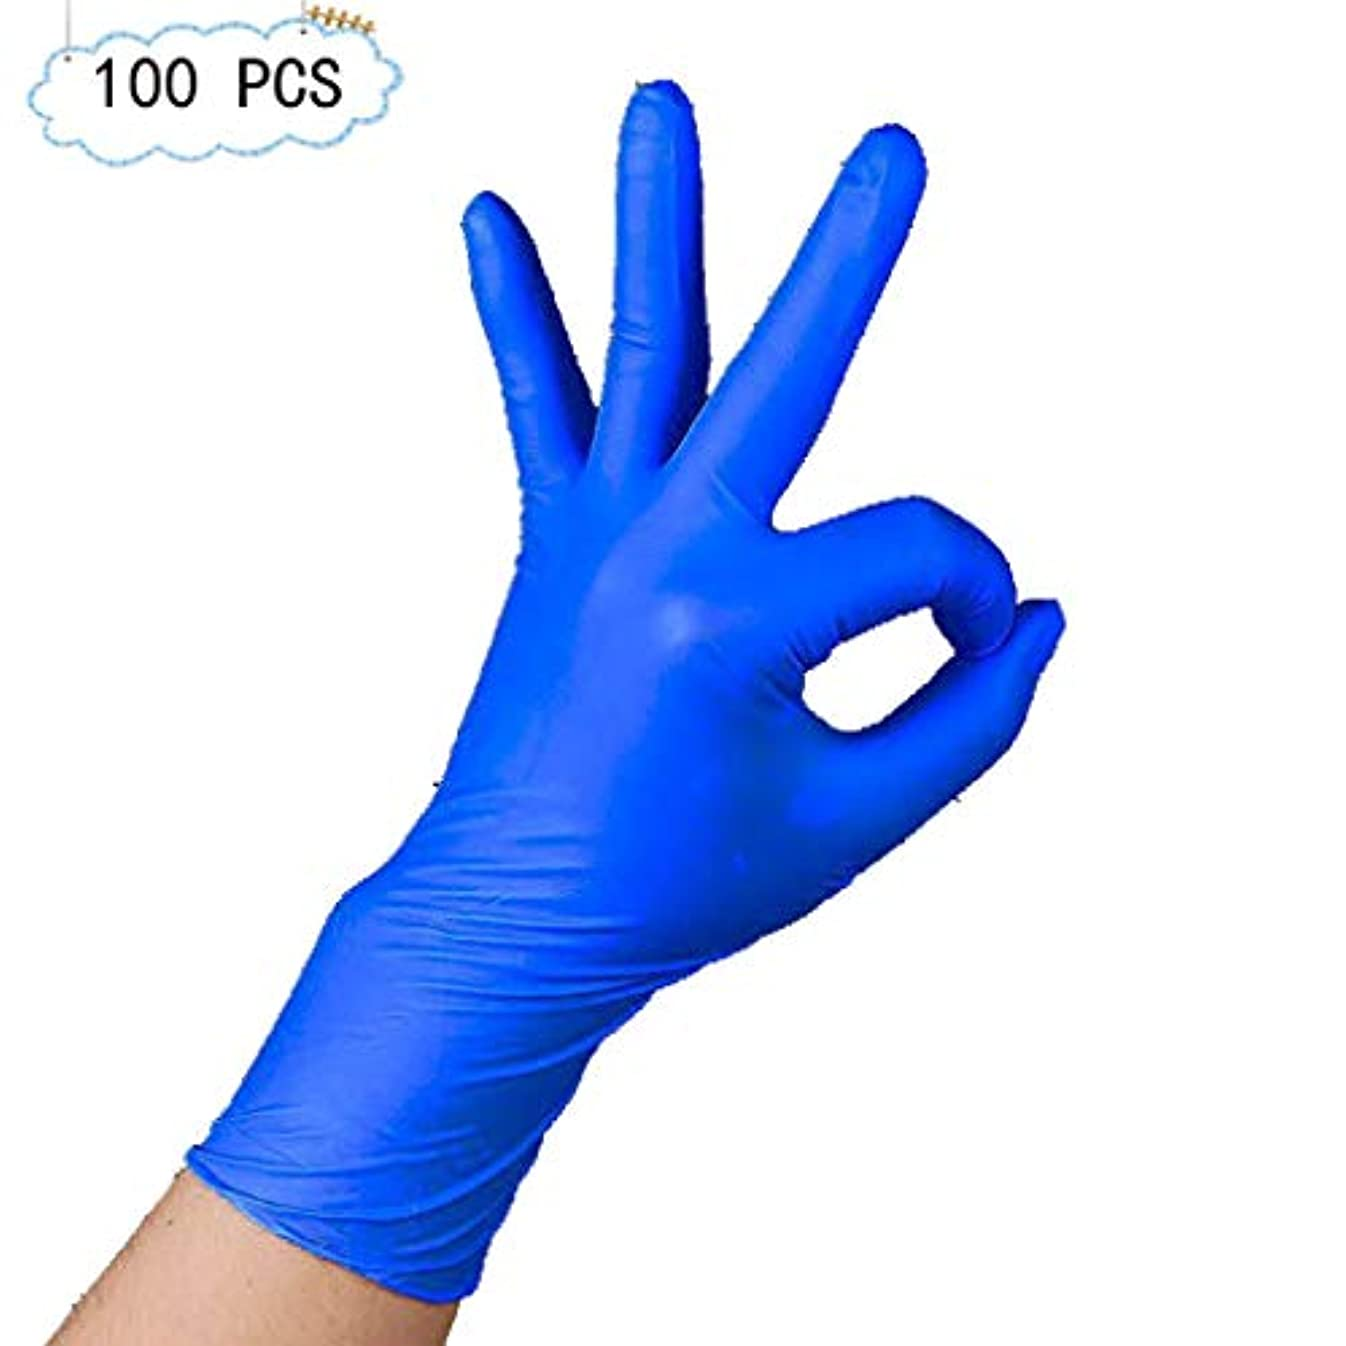 サッカーカビ奇跡ニトリル手袋、フルヘンプ増粘、滑り止め使い捨て手袋ペットケアネイルアート検査保護実験、ビューティーサロンラテックスフリー、ダークブルーパウダーフリー、100個 (Size : M)